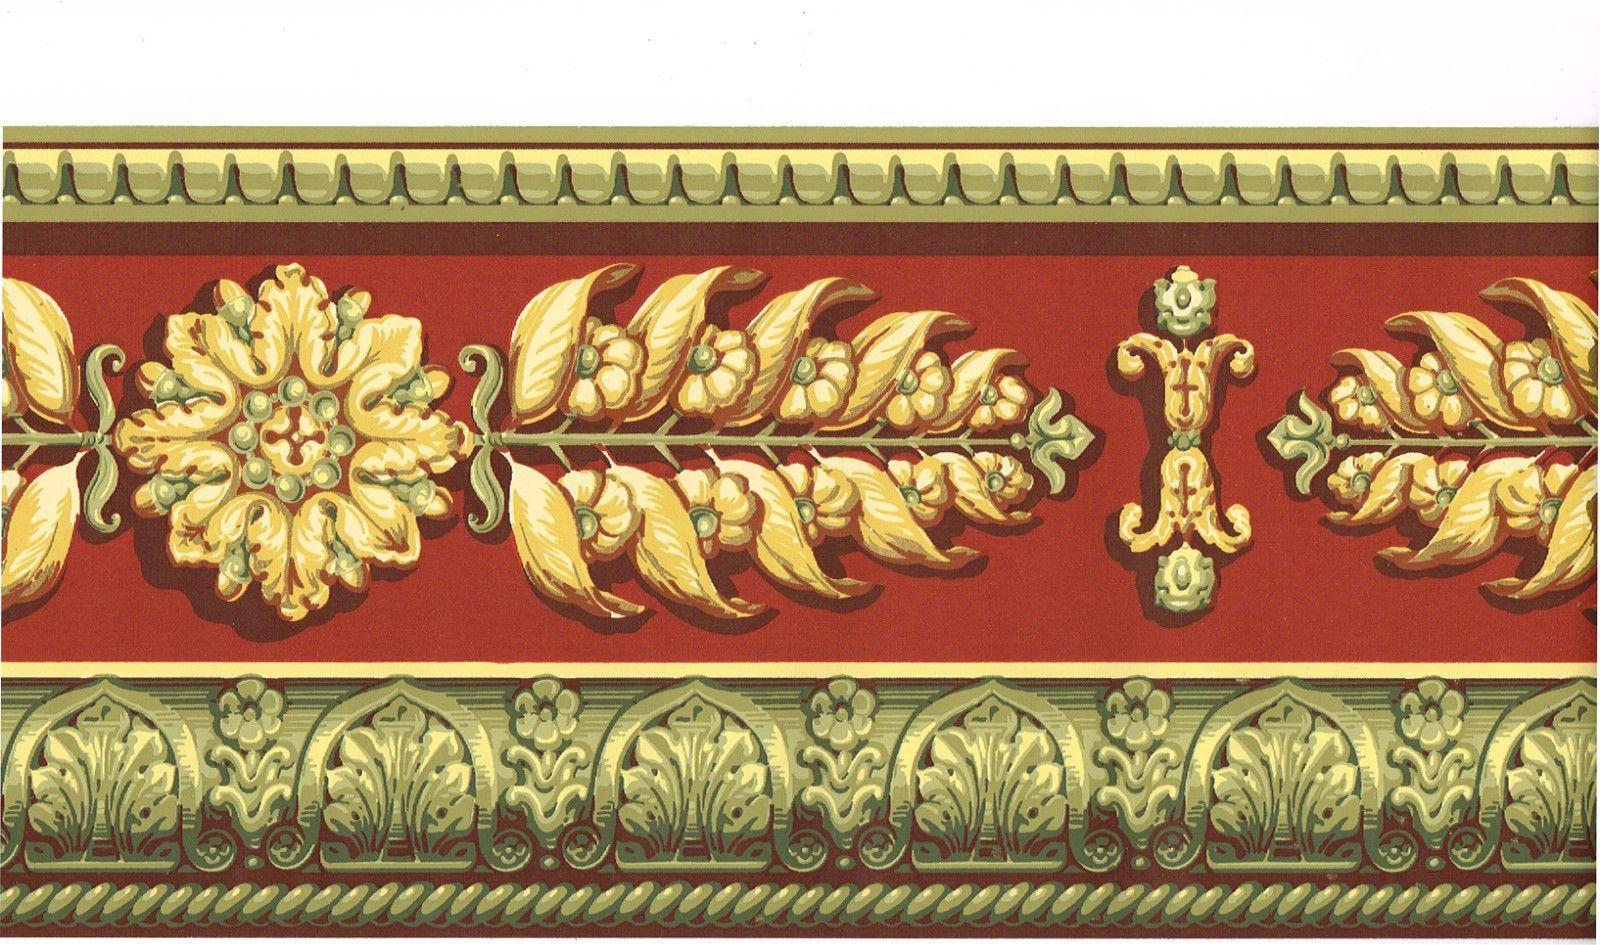 Architectural Red Golden Gold Medallion Leaf Floral Molding Wallpaper Border Ebay Floral Wallpaper Border Wallpaper Border Digital Borders Design